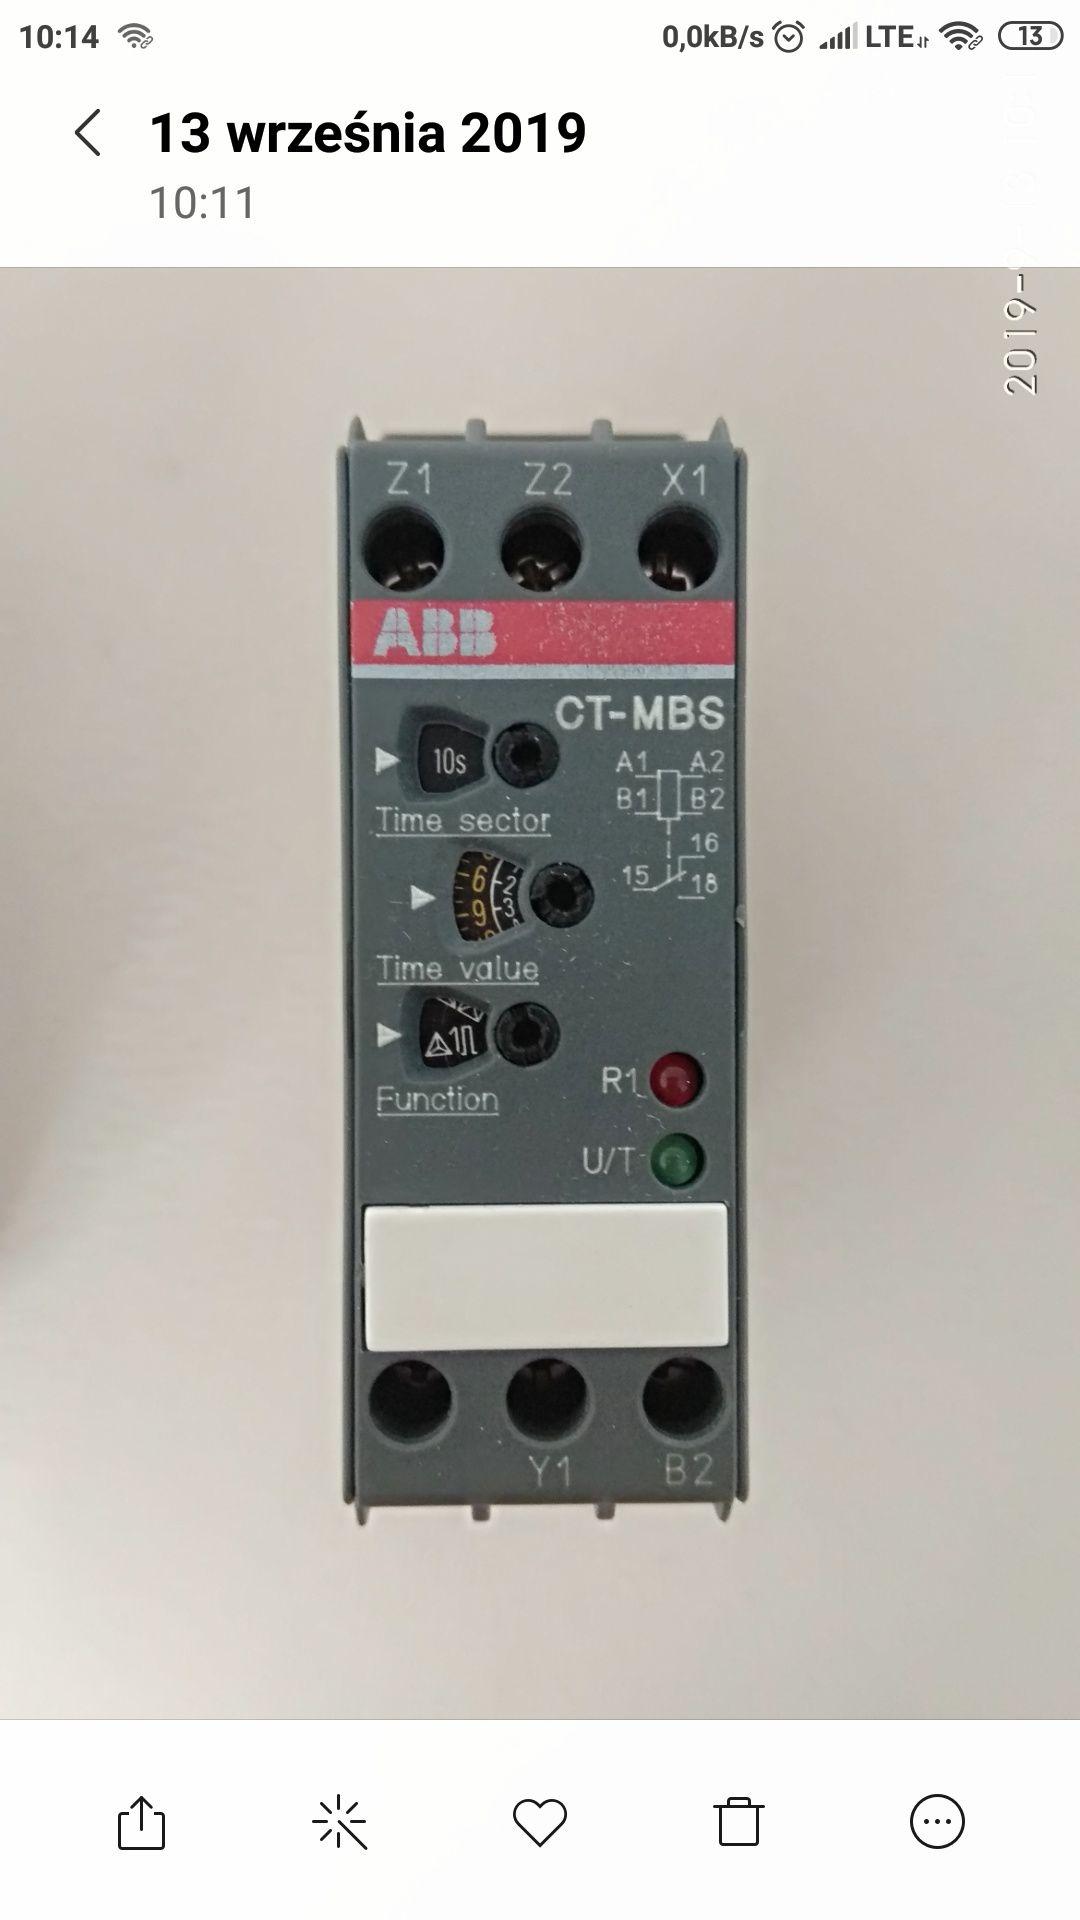 ABB przekaźnik czasowy CT-MSB